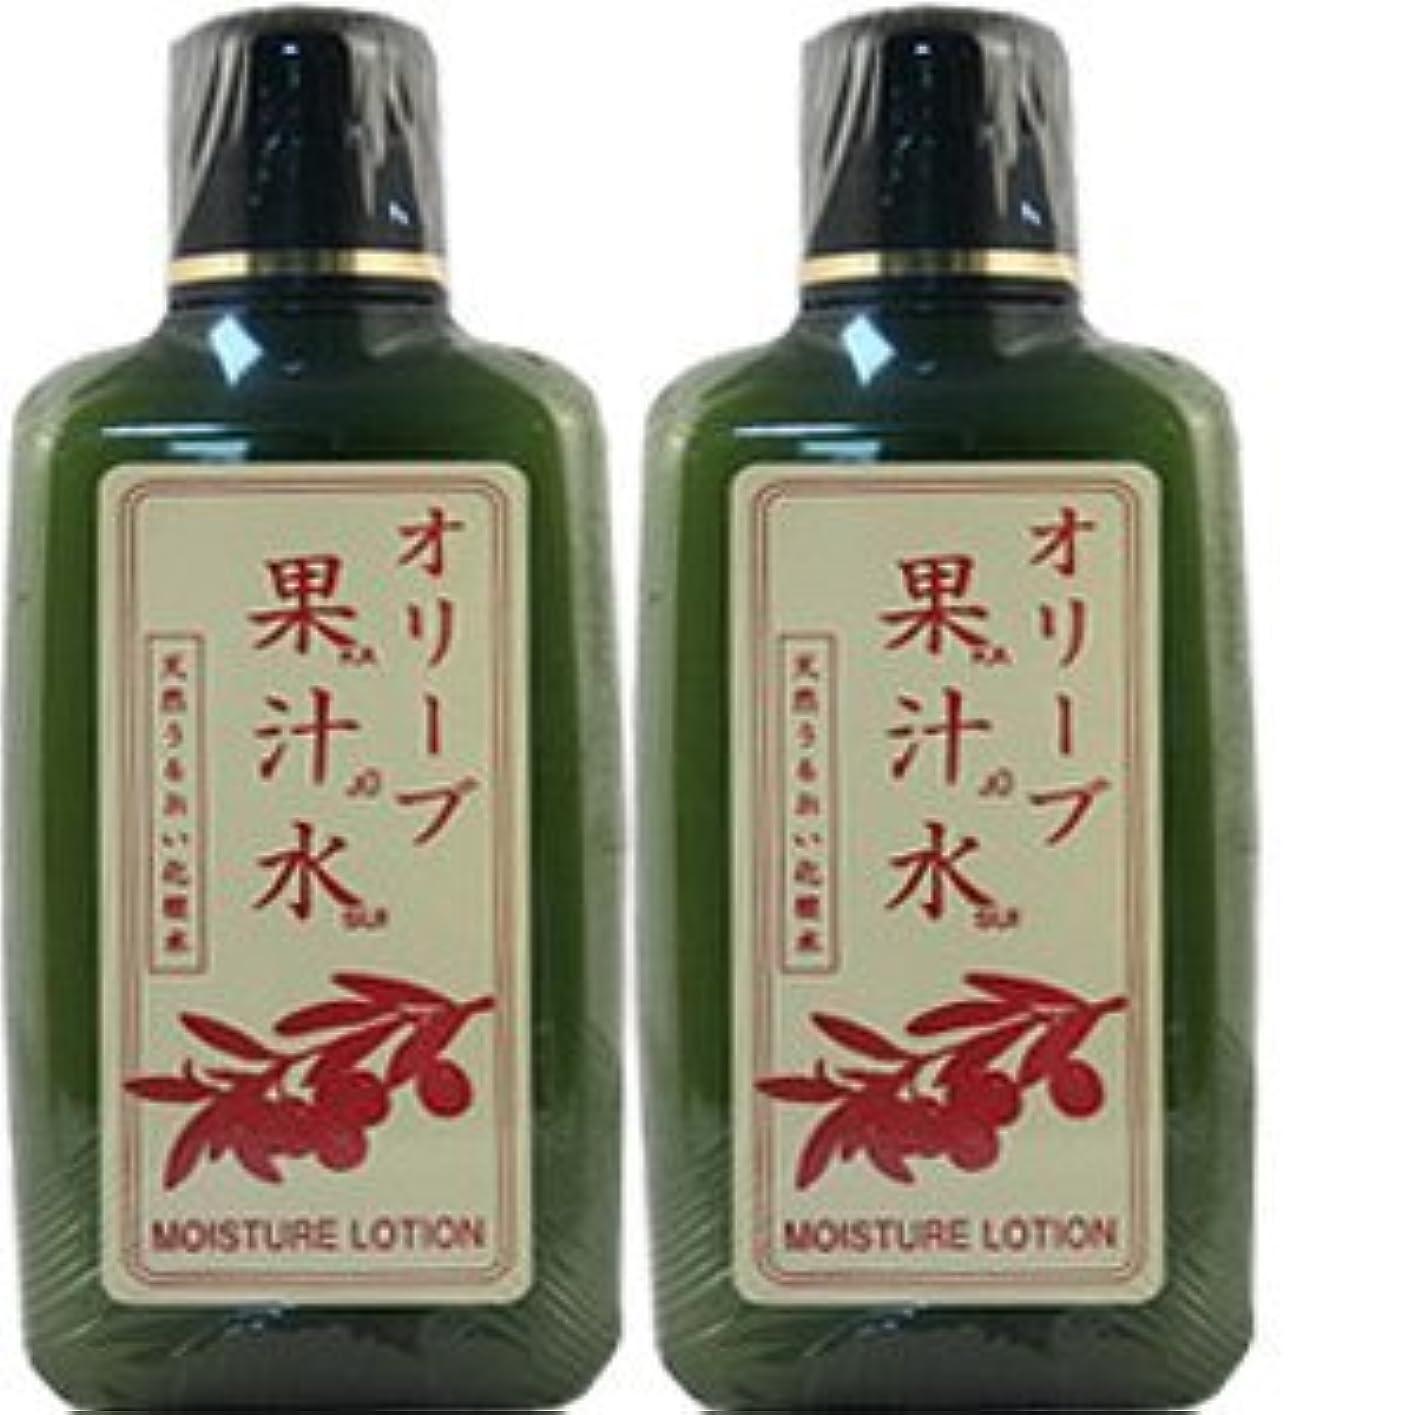 【2本】 オリーブマノン オリーブ果汁水 180mlx2個(4965363003982)